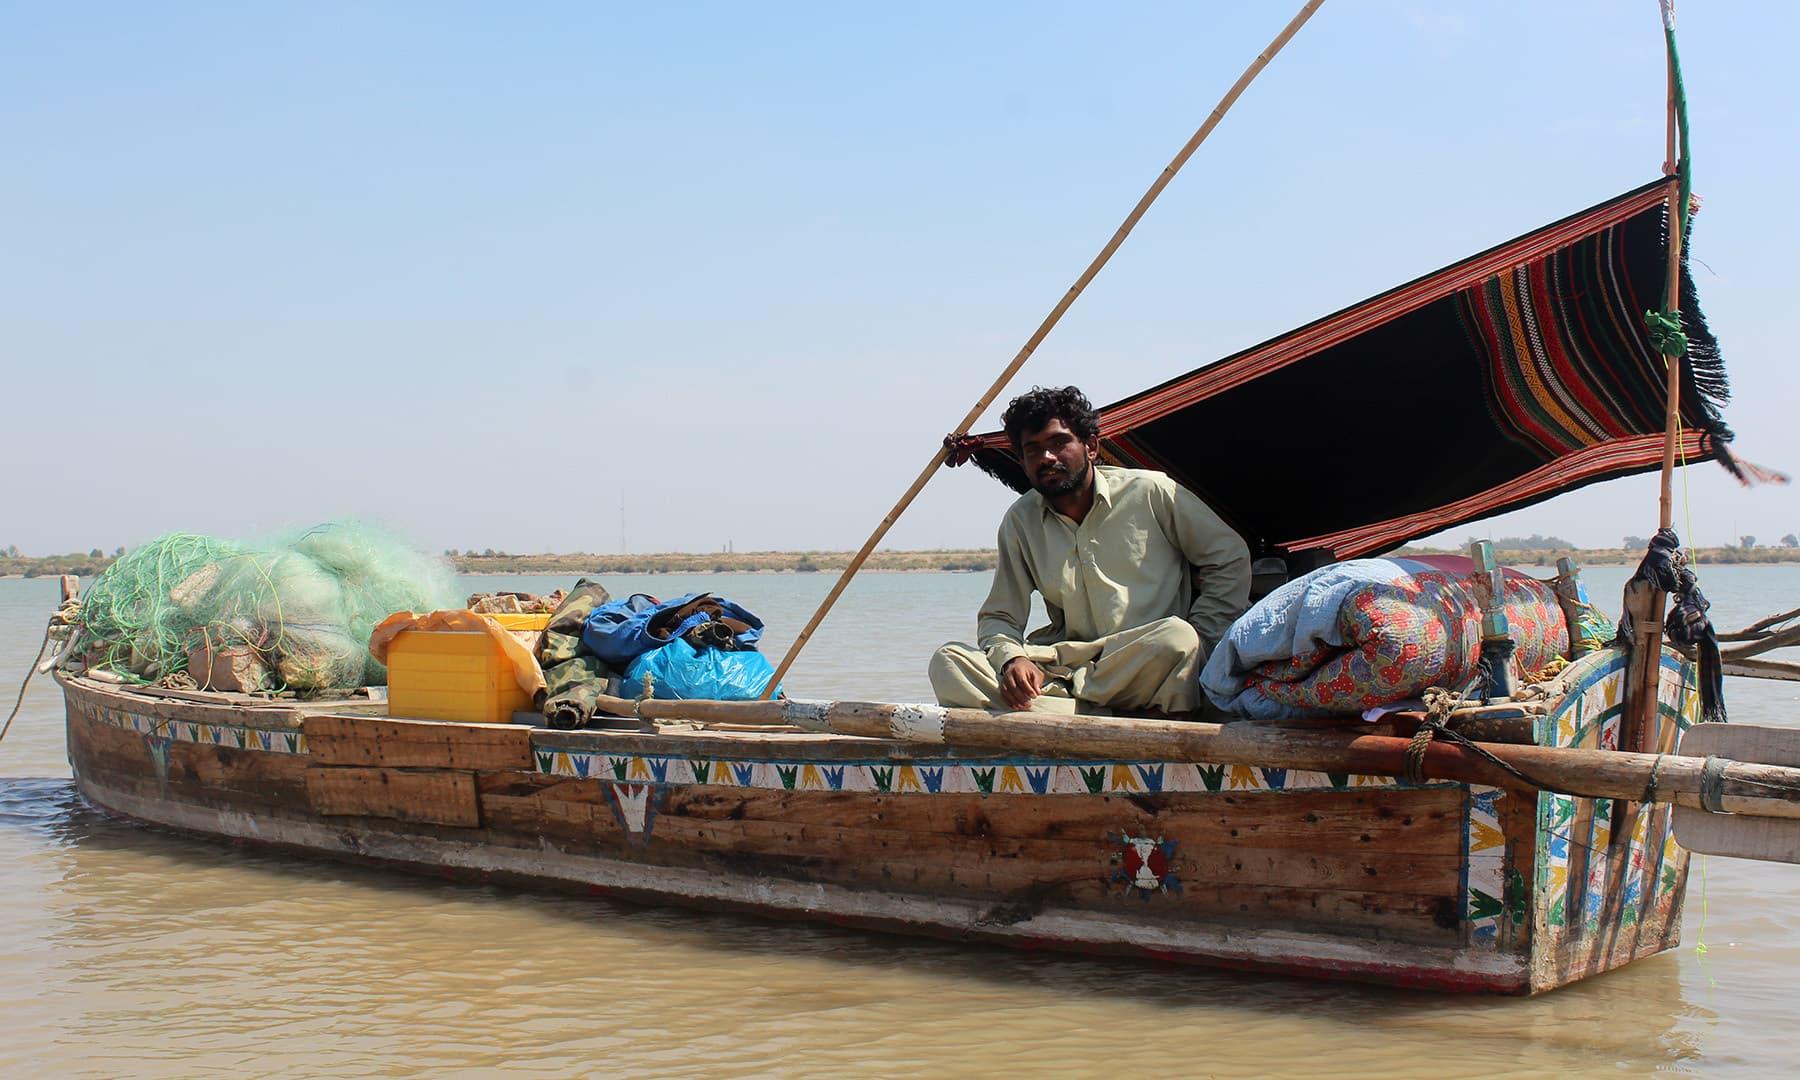 ماہی گیروں کے لیے دریا میں پانی کی کمی کا مطلب غربت ہے۔— فوٹو اختر حفیظ